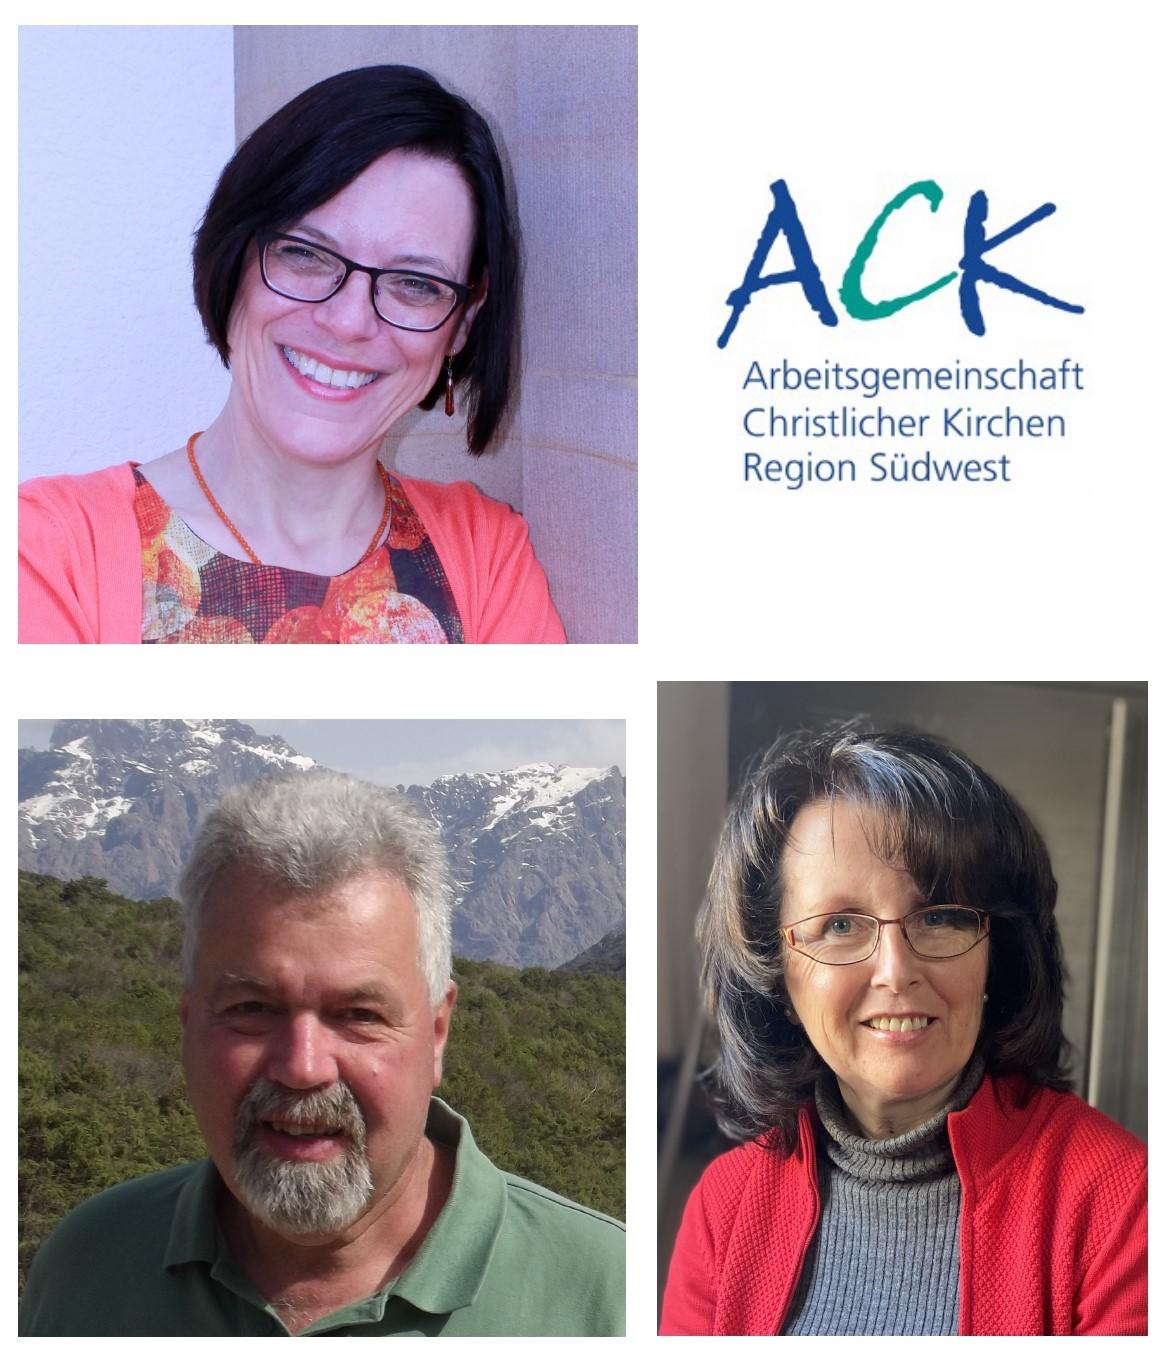 Die neue ACK-Vorsitzende Jutta Walber (oben links) und ihre Stellvertreter Jürgen Tibusek und Anna Werle (Foto: ACK-Südwest)